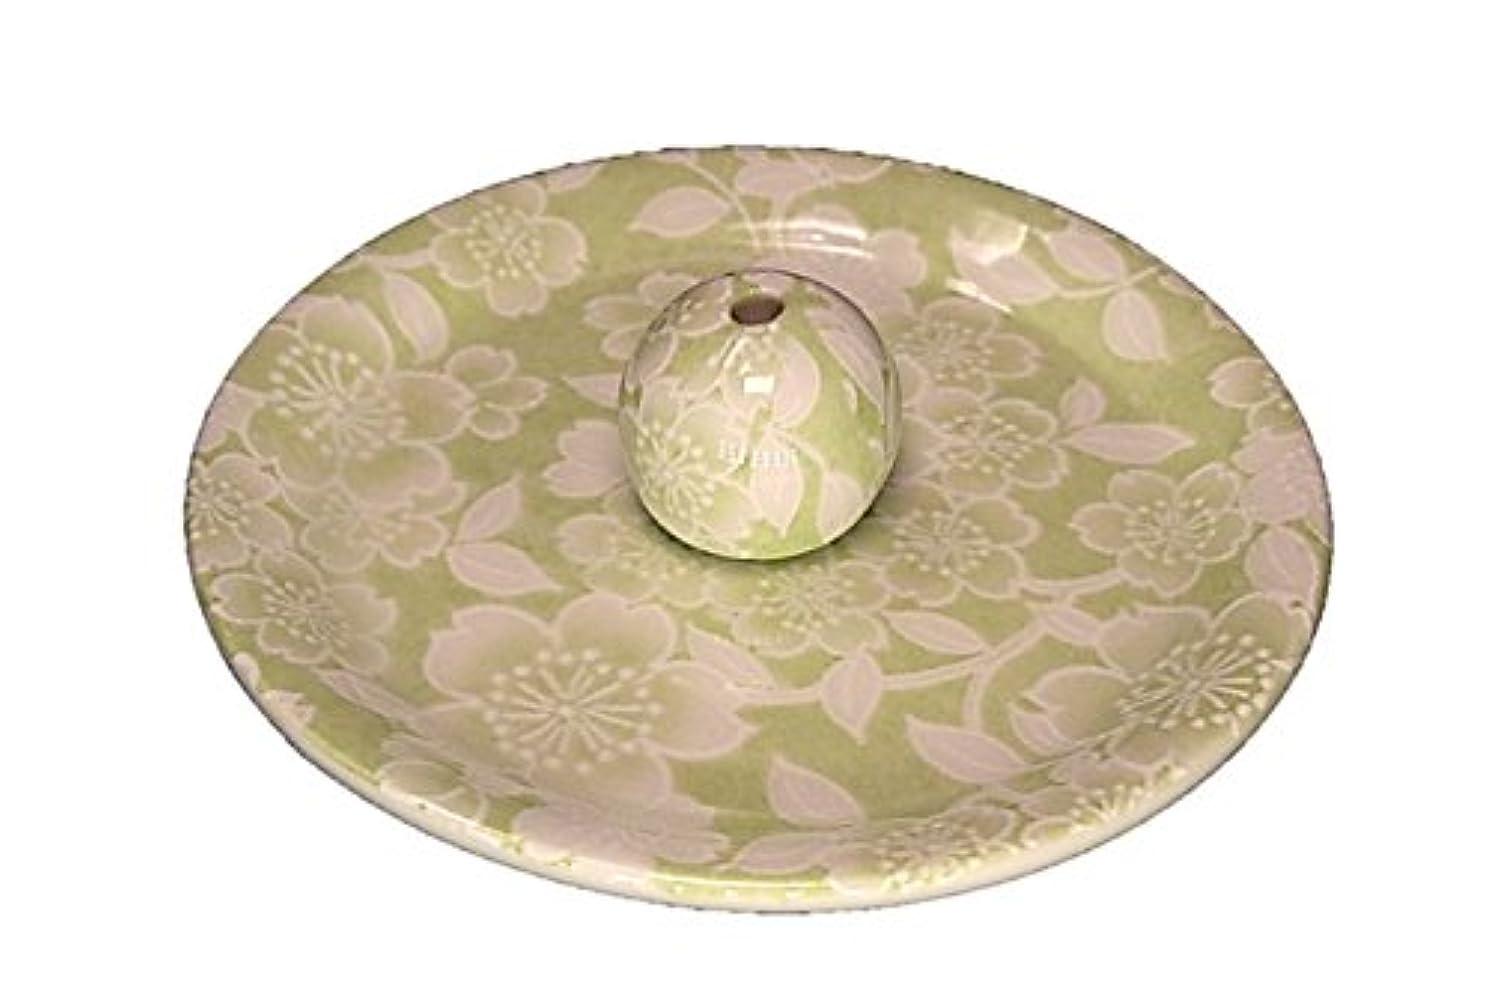 全能訴えるホテル9-37 桜友禅 緑 9cm香皿 お香立て お香たて 陶器 日本製 製造?直売品